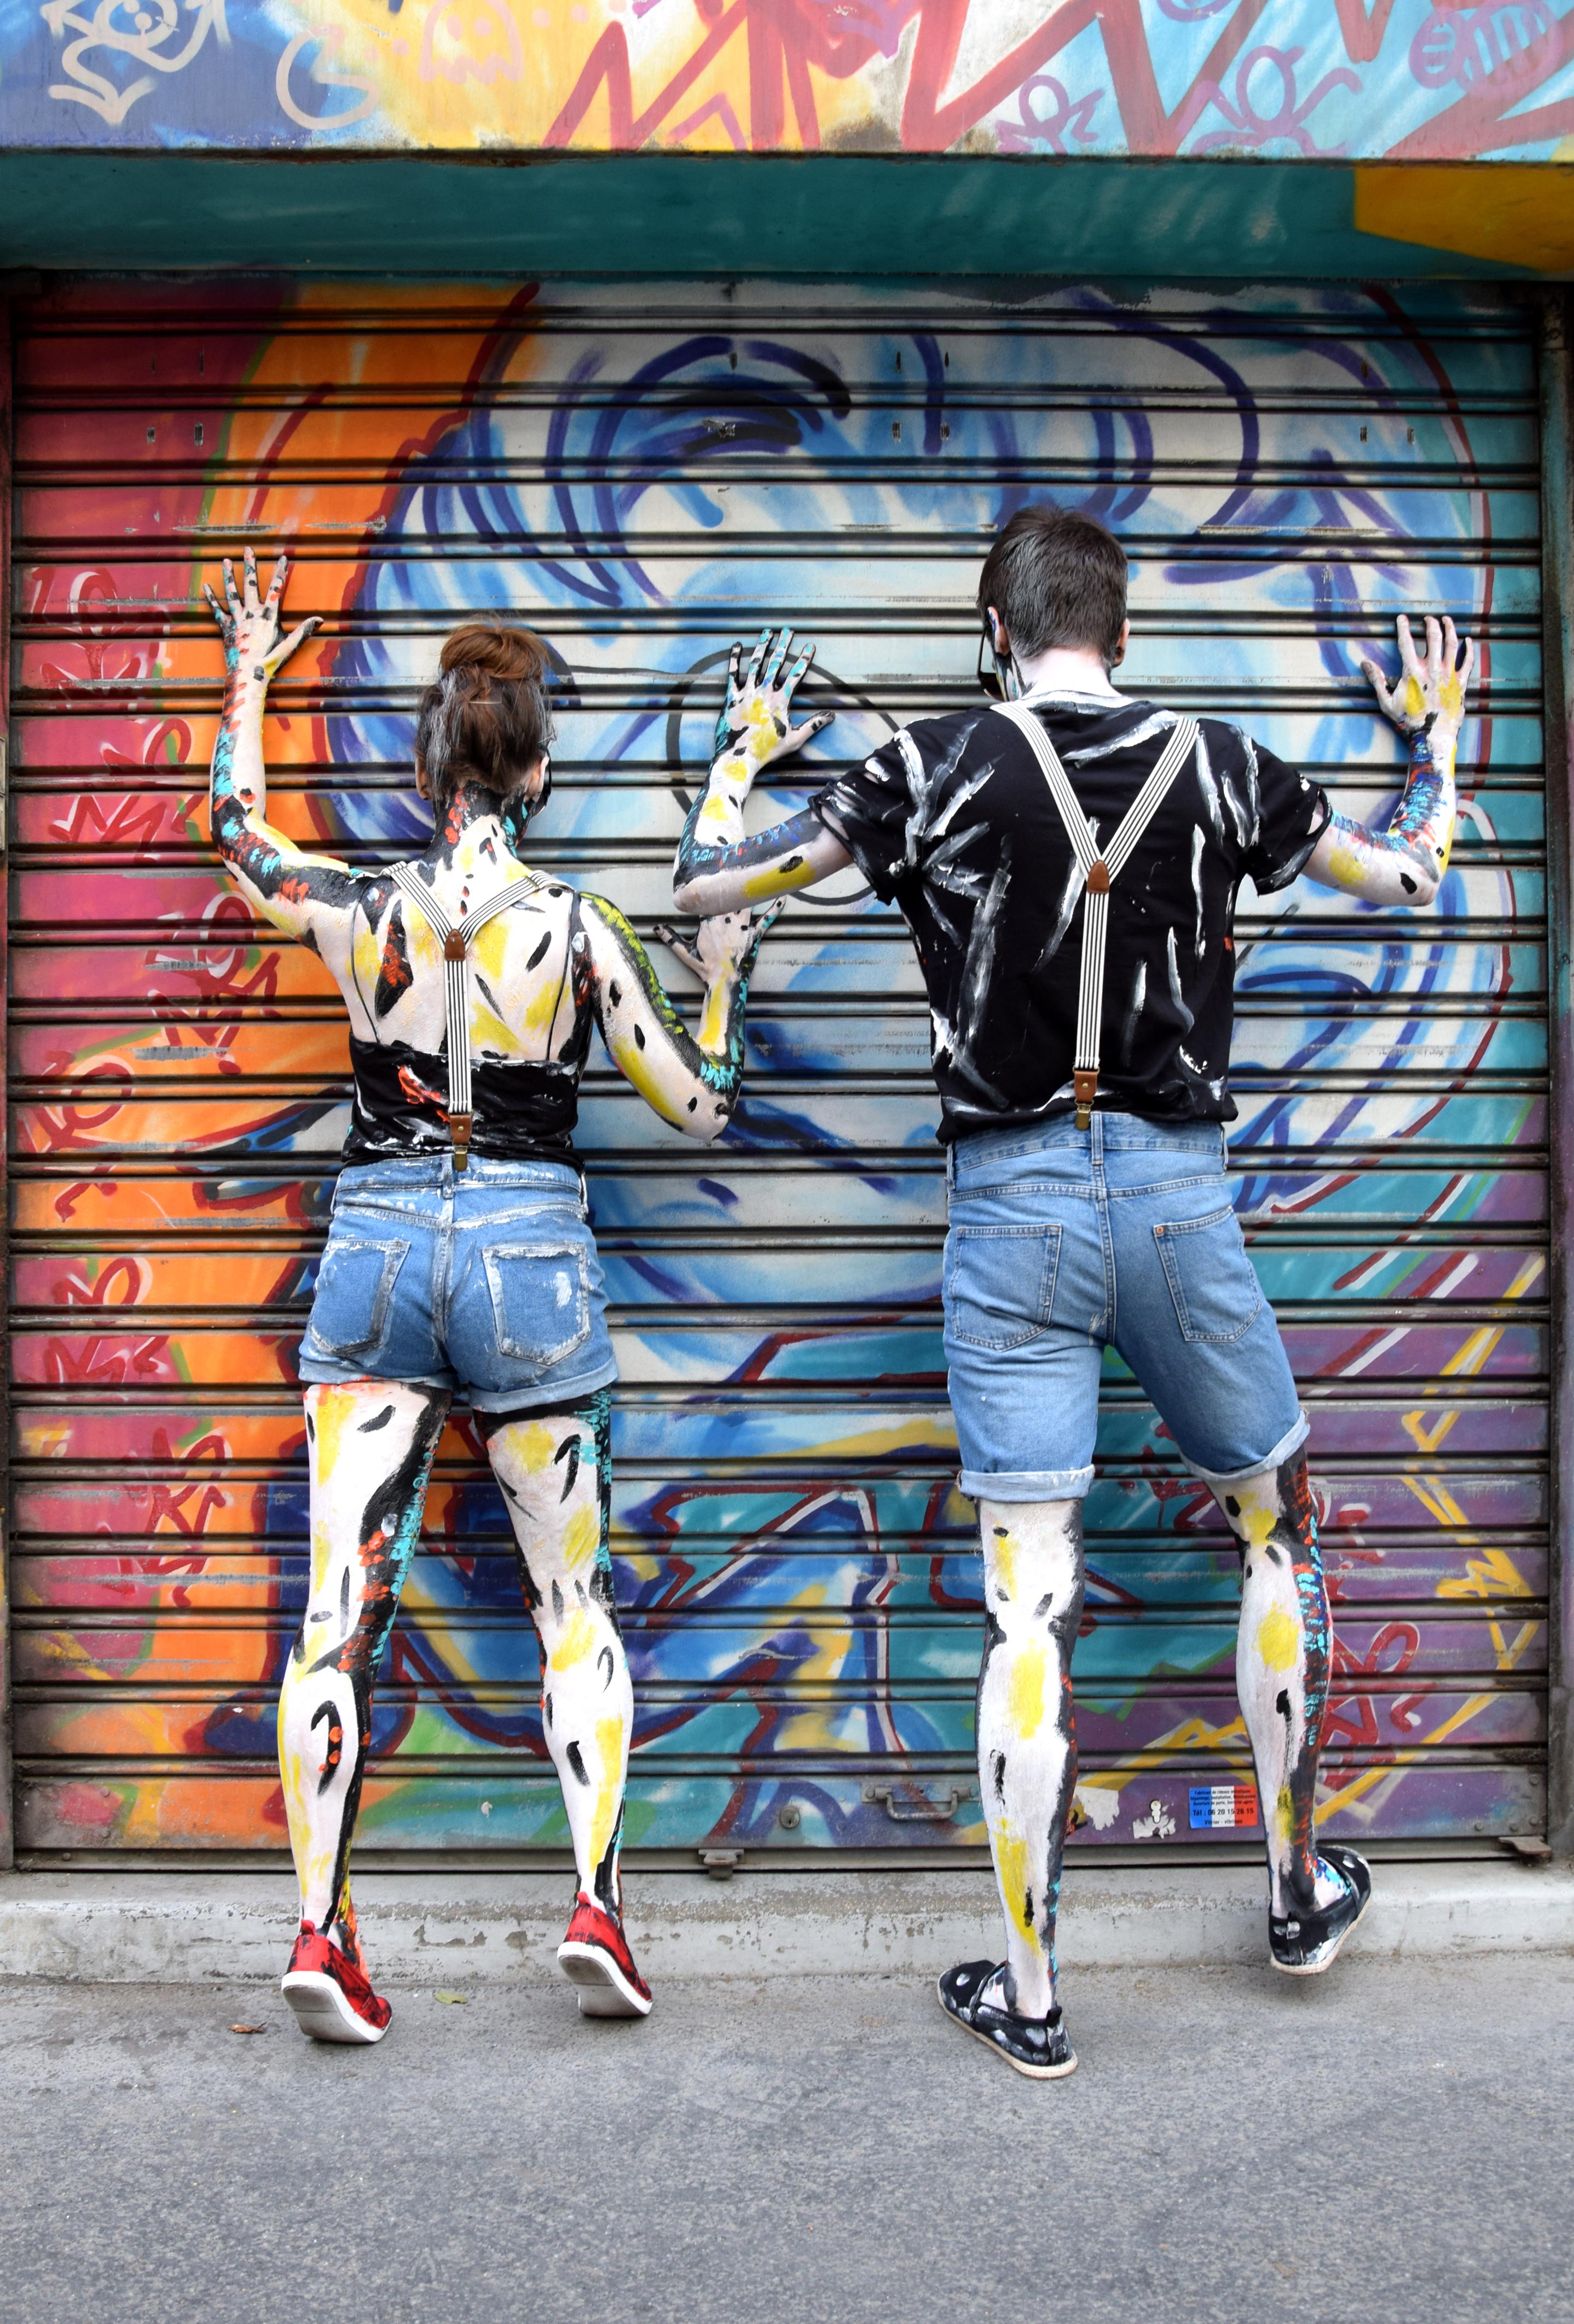 Body painting, Paris, April 2017